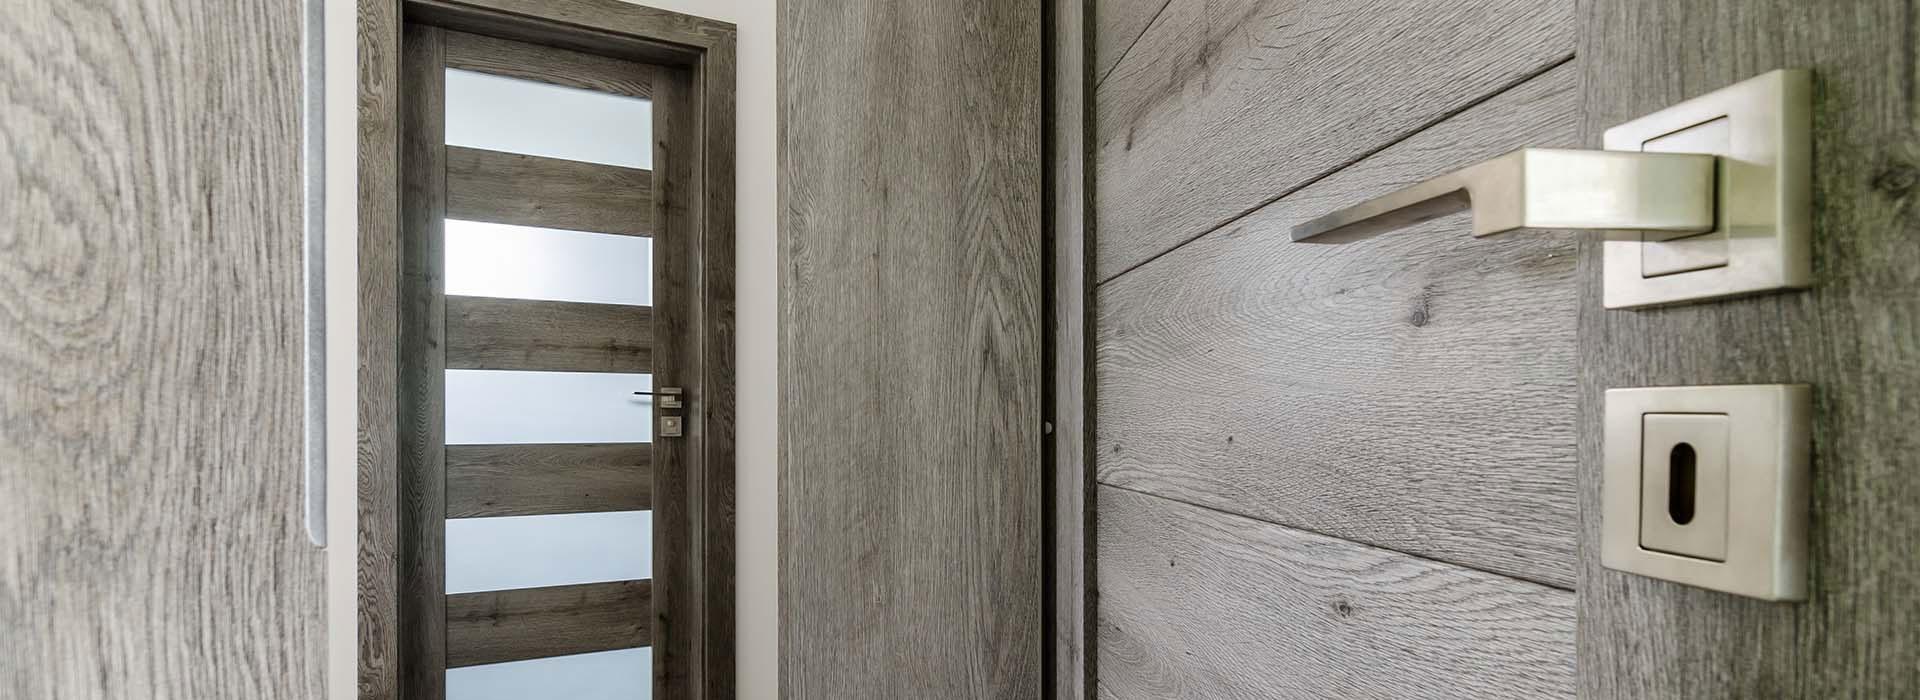 dvere-sluzby.jpg